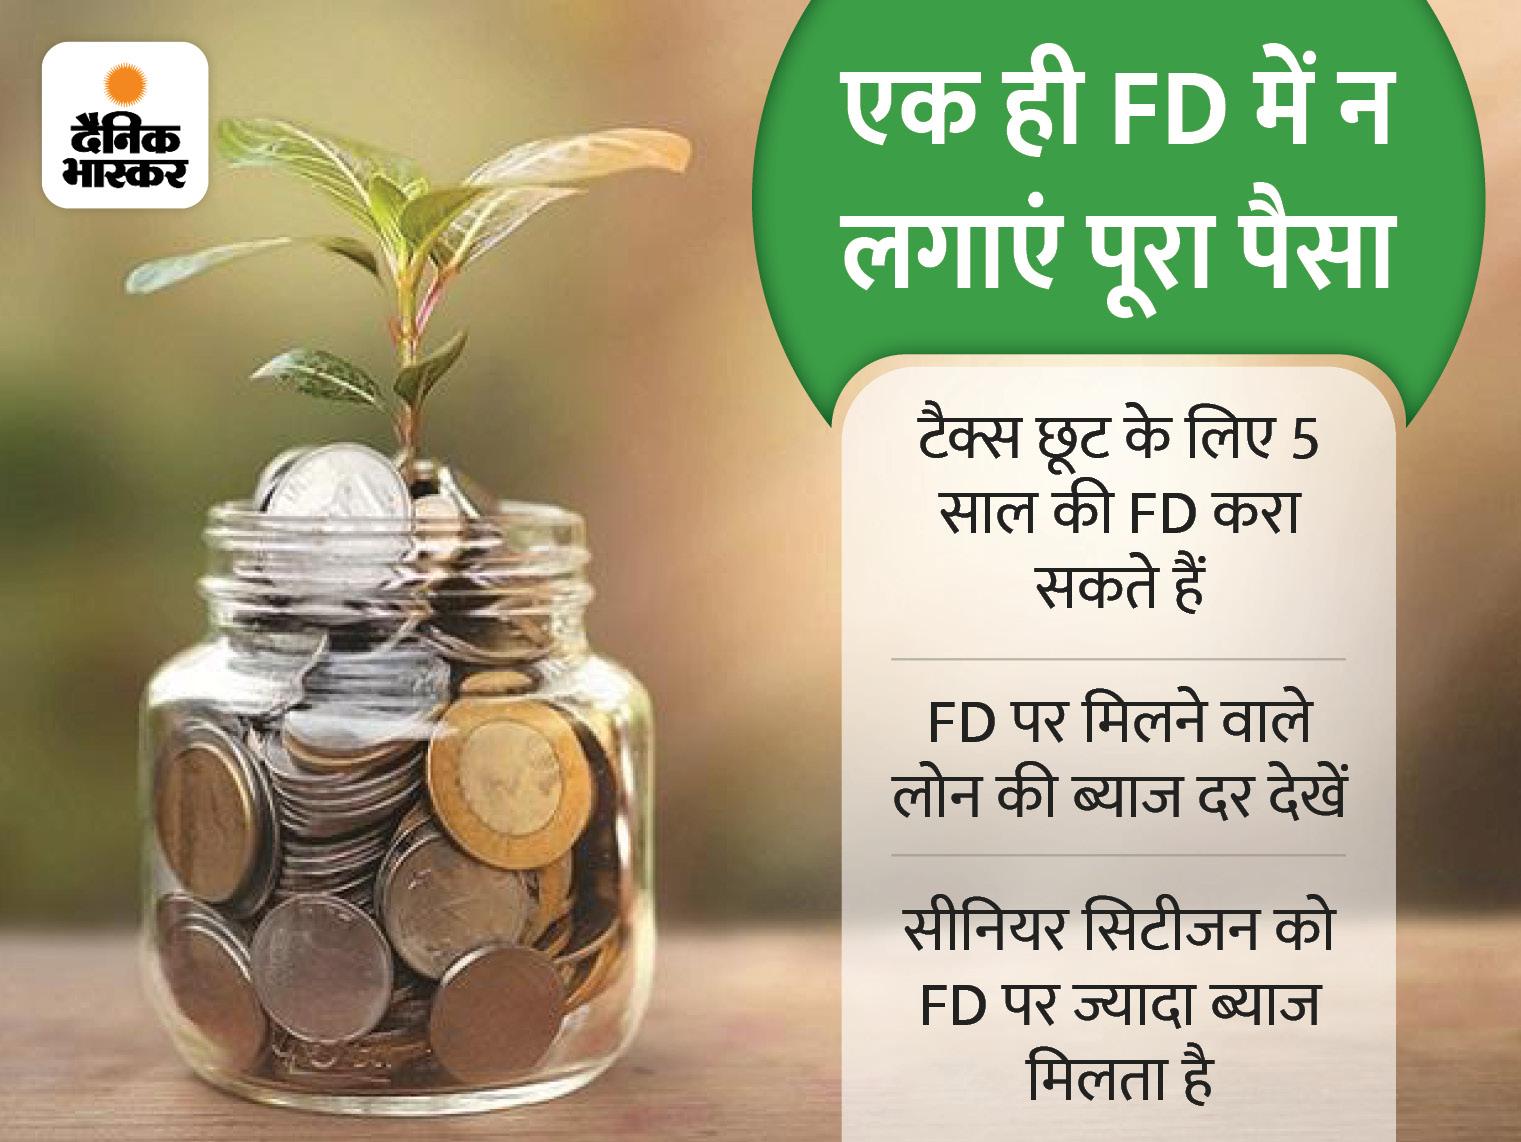 एक ही FD में न लगाएं अपना पूरा पैसा, अवधि का भी रखें ध्यान; इन 6 बातों का रखेंगे ध्यान तो होगा फायदा|बिजनेस,Business - Dainik Bhaskar